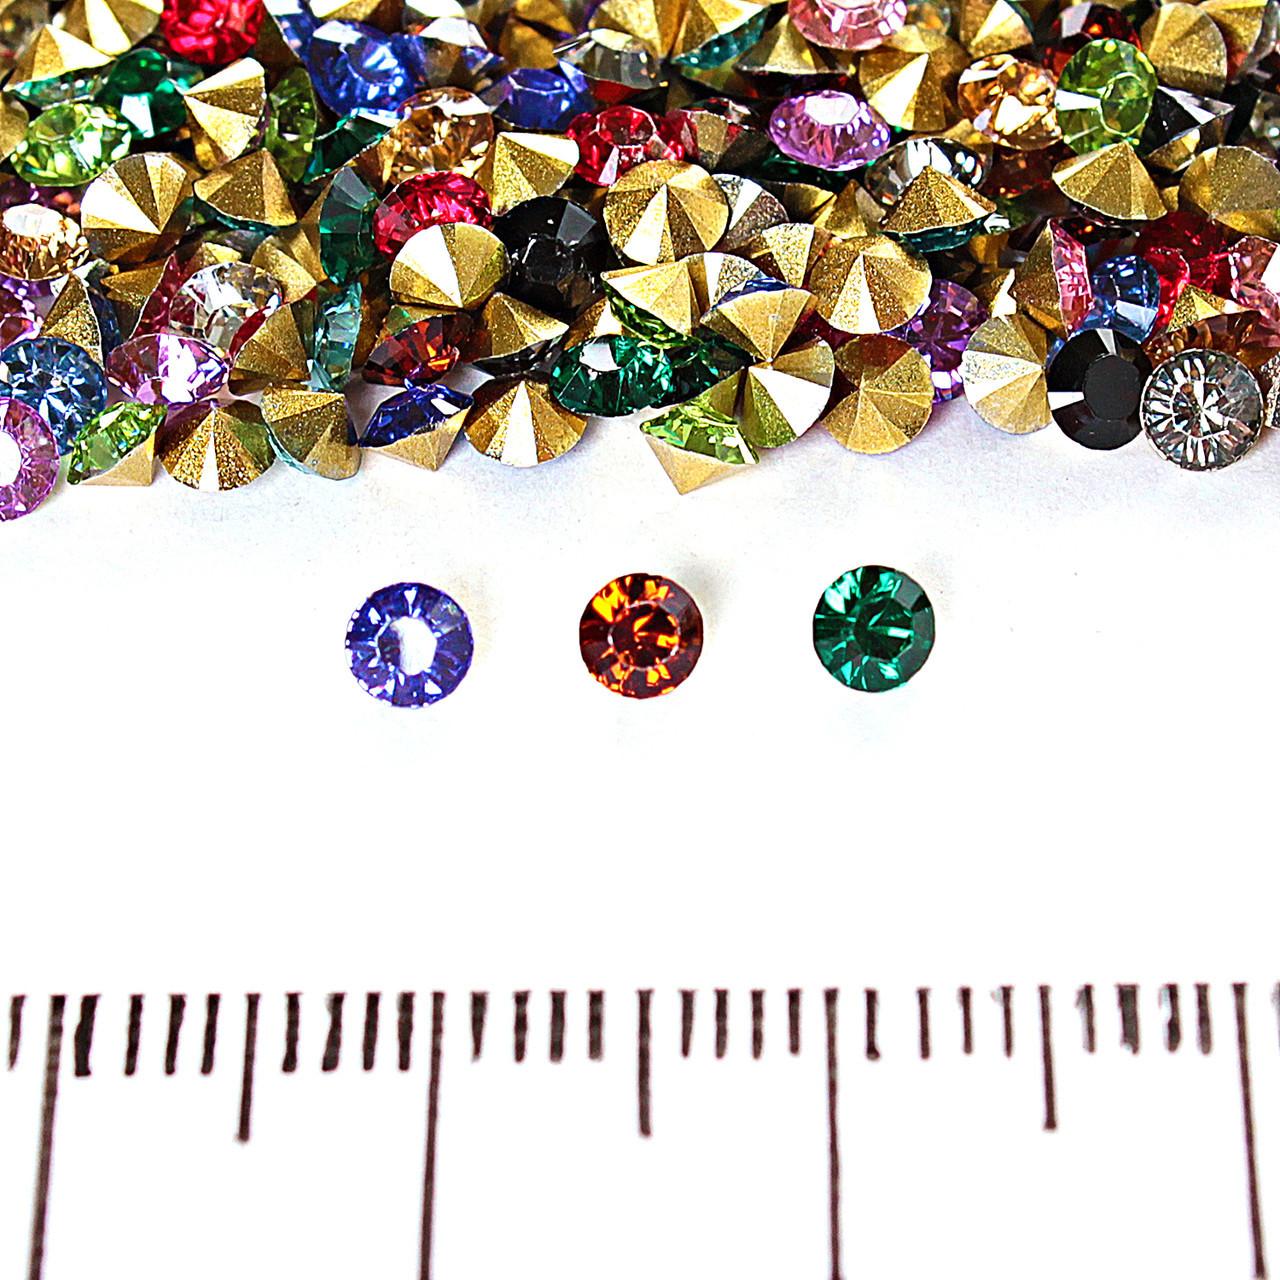 Камушки стразы разноцветные ассорти #14 d-3.5mm, цена за упаковку - ☆SOUVENIRS☆ - интернет магазин бижутерии, фурнитуры и украшений в Одессе